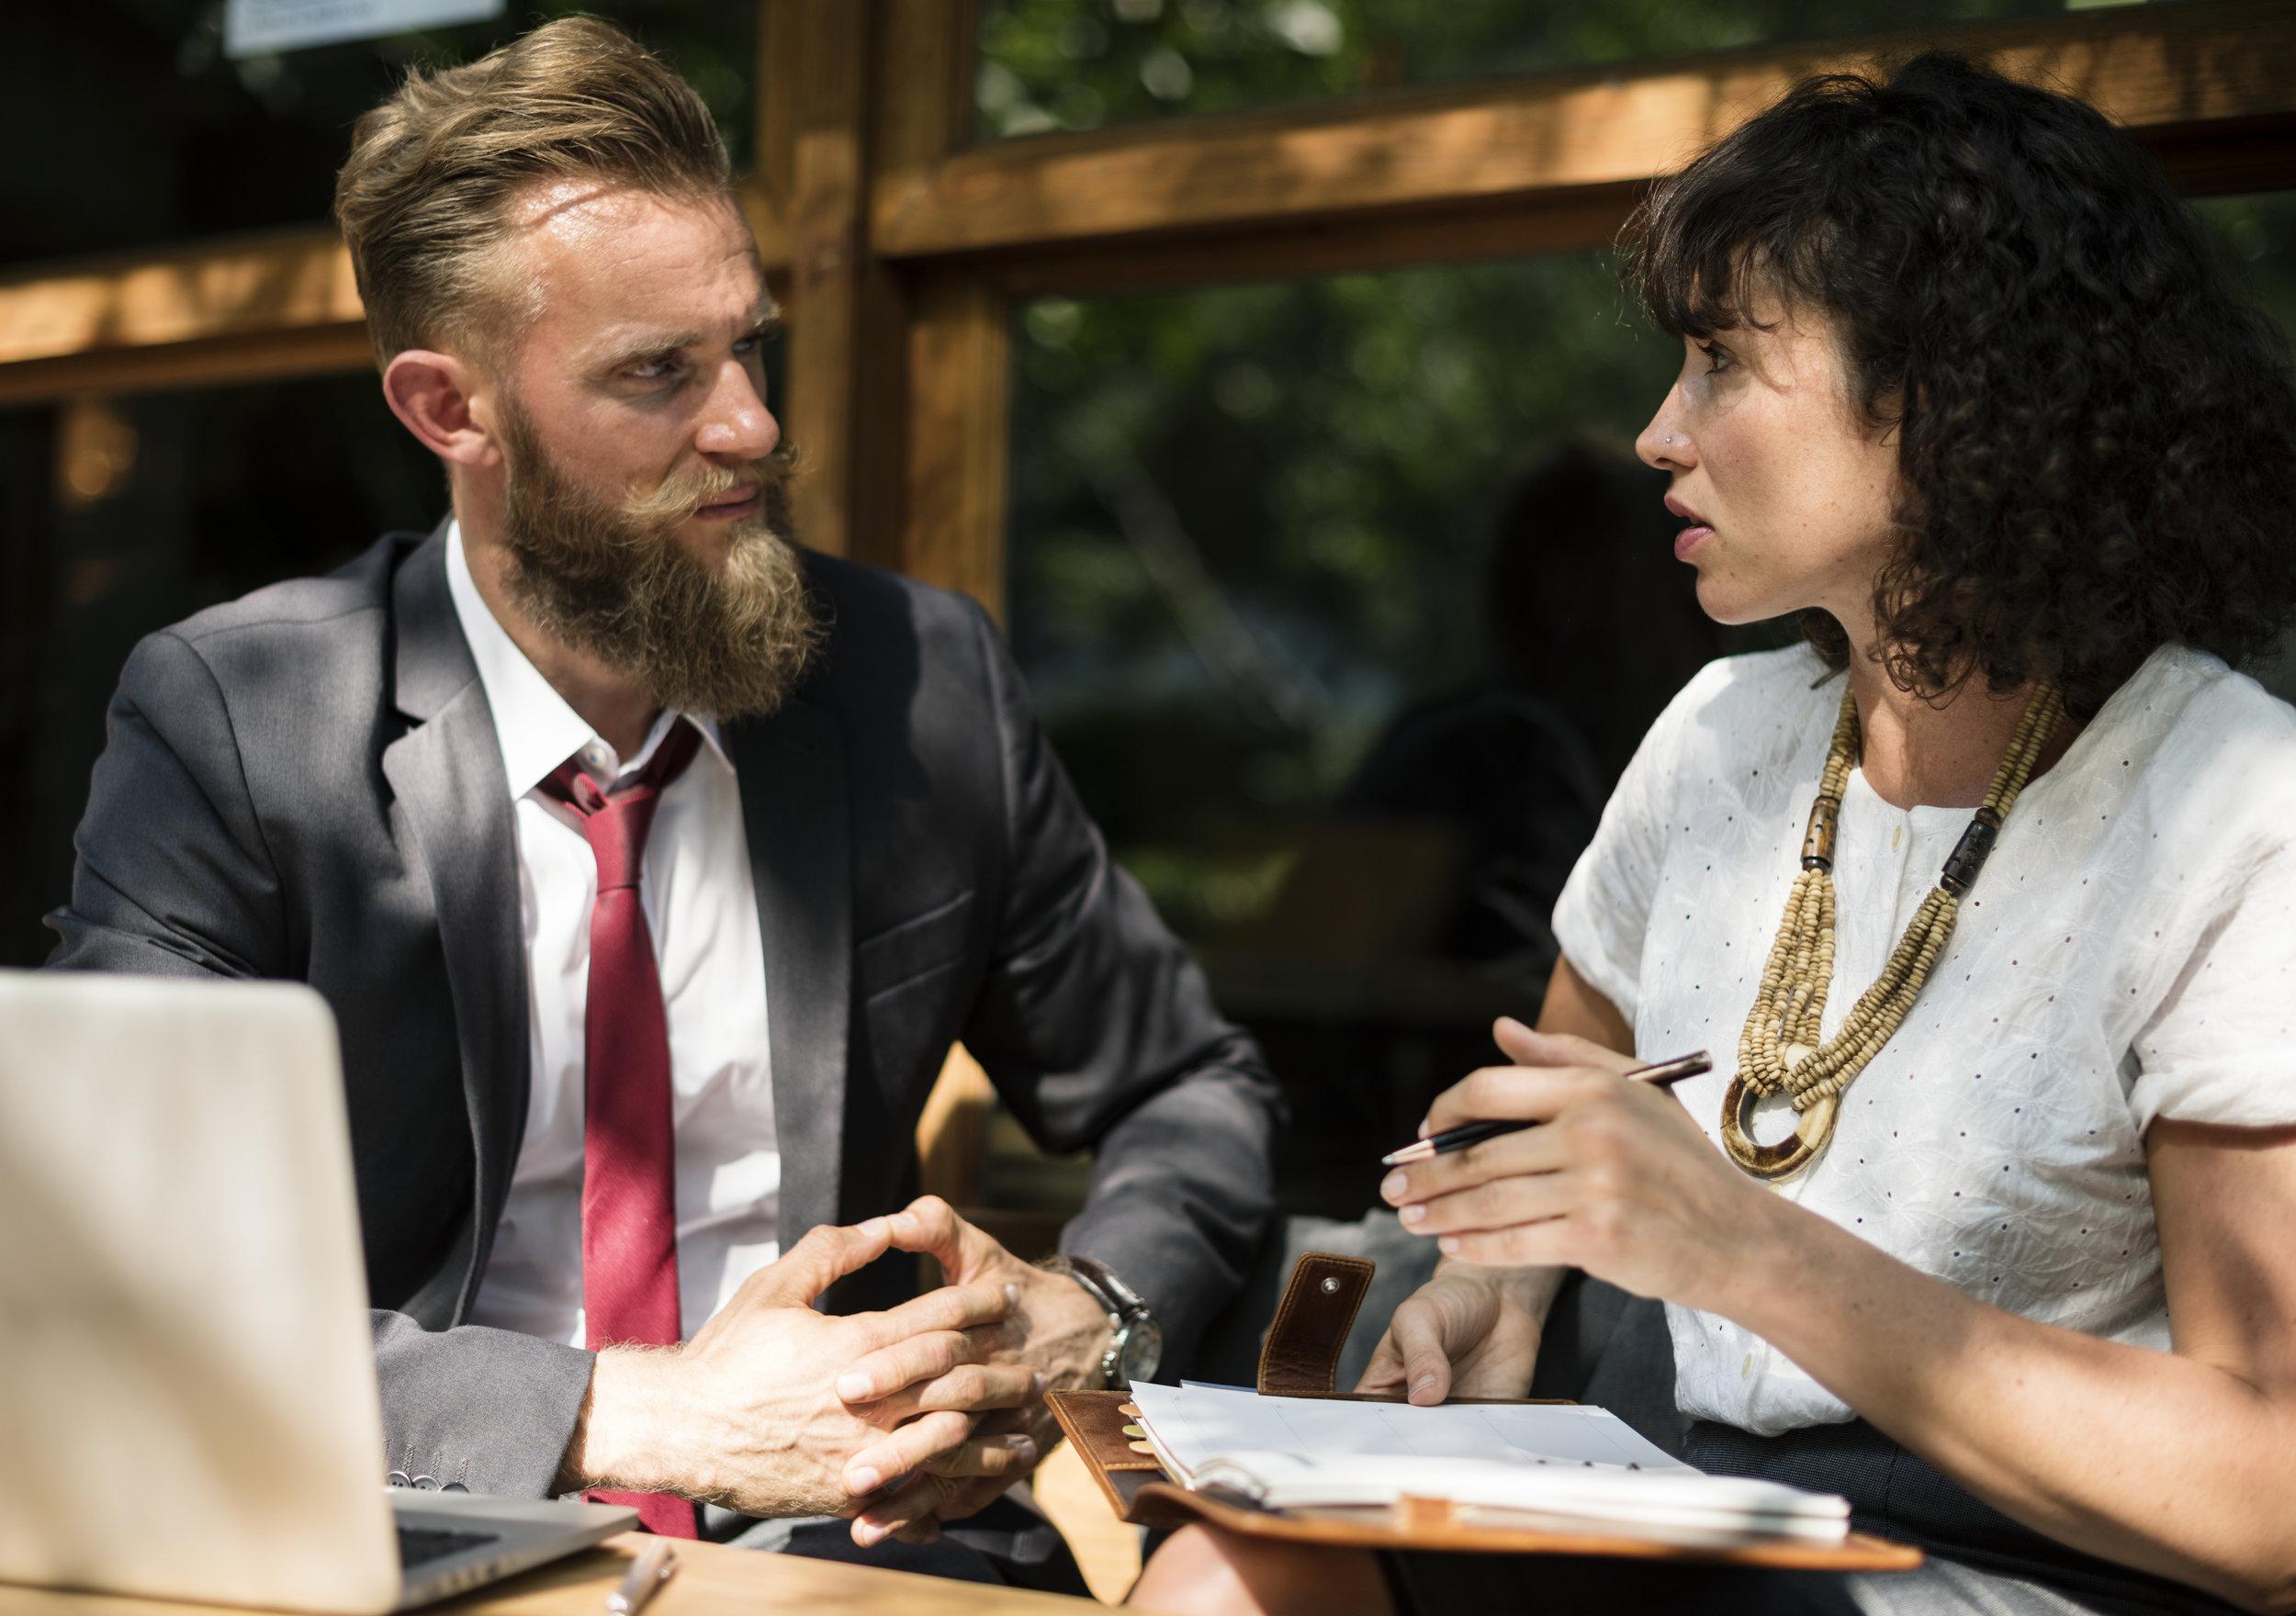 Riso ist jung, dynamisch und digital - Wir haben keine Liebe für unnötige Komplexität, zeitraubende Administration oder unverständliche Normen.Wir lieben hingegen gemeisterte Komplexität, simplifizierte Zusammenhänge und einfache Routinen.Deswegen haben wir das Riso-Konzept entwickelt, um jedes Unternehmen bei der Umsetzung von steuerfreiem Lohn unterstützen zu können.